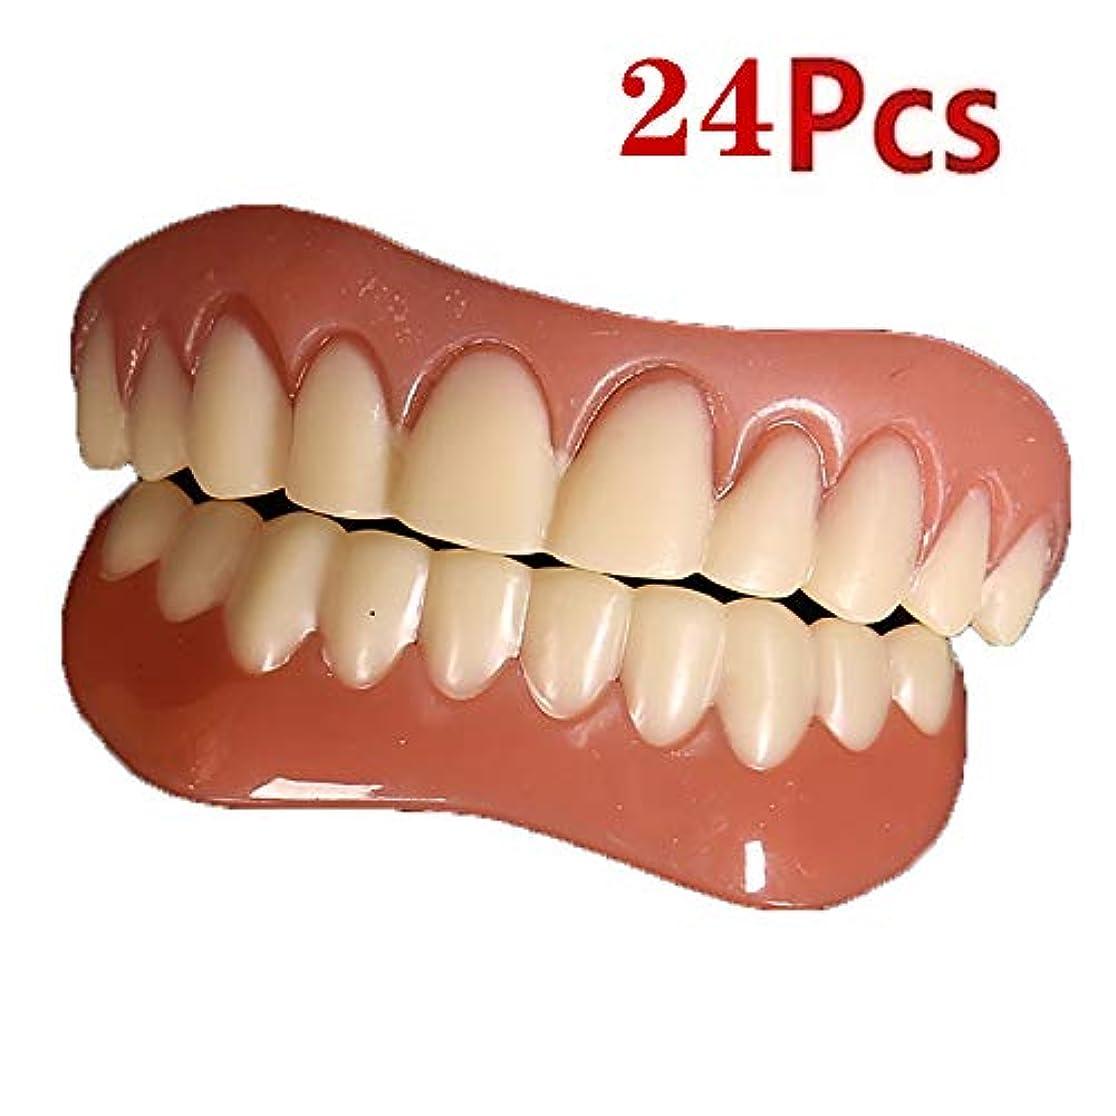 死すべきポスト印象派消化24個パーフェクトスマイルベニヤダブのための歯の修正のための悪い歯のための完璧なスマイルベニヤ歯ホワイトニング